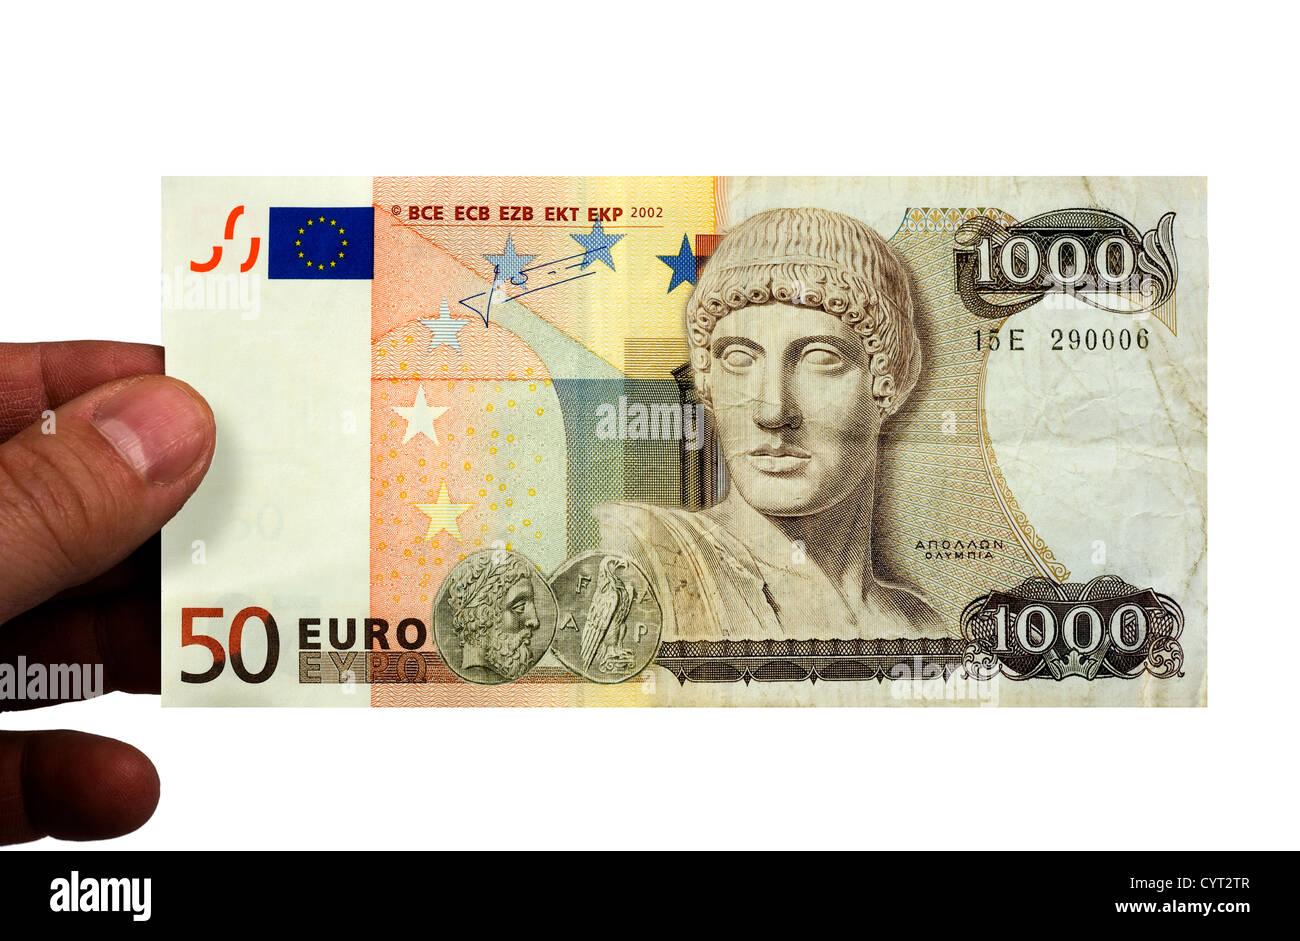 Un 50 euro bill e un 1000 drachmen bill combinati. Foto Stock